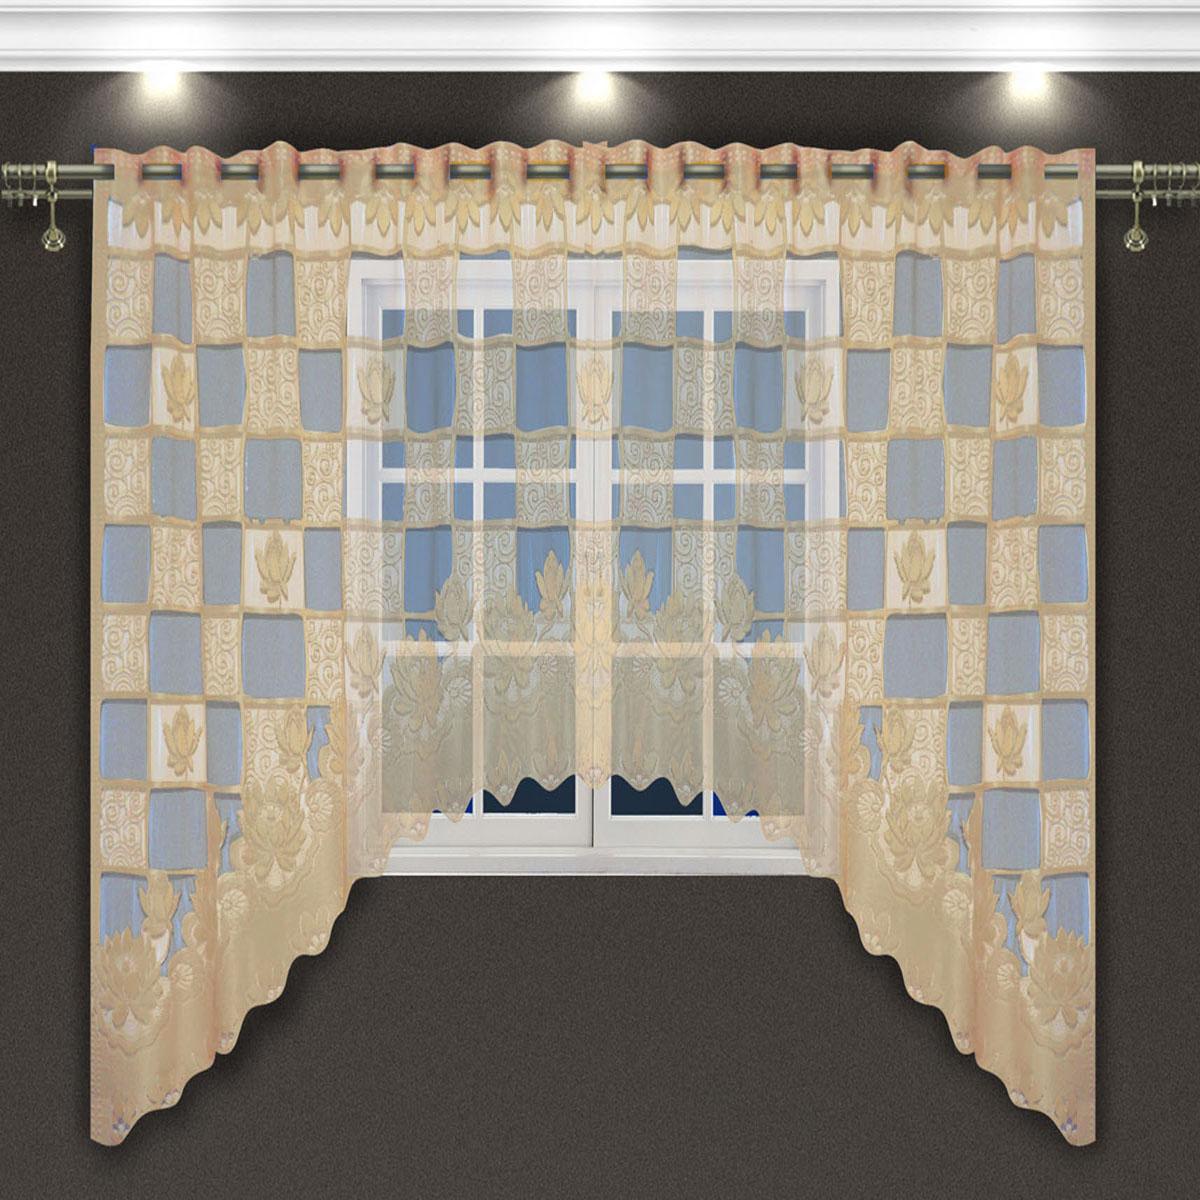 Гардина Zlata Korunka, цвет: кремовый, высота 160 см. 8887288872Гардина-арка Zlata Korunka, изготовленная из высококачественного полиэстера, станет великолепным украшением любого окна. Оригинальное оформление гардины внесет разнообразие и подарит заряд положительного настроения.Крепится через прорези, сделанные в верхней части, или на зажимы для штор.